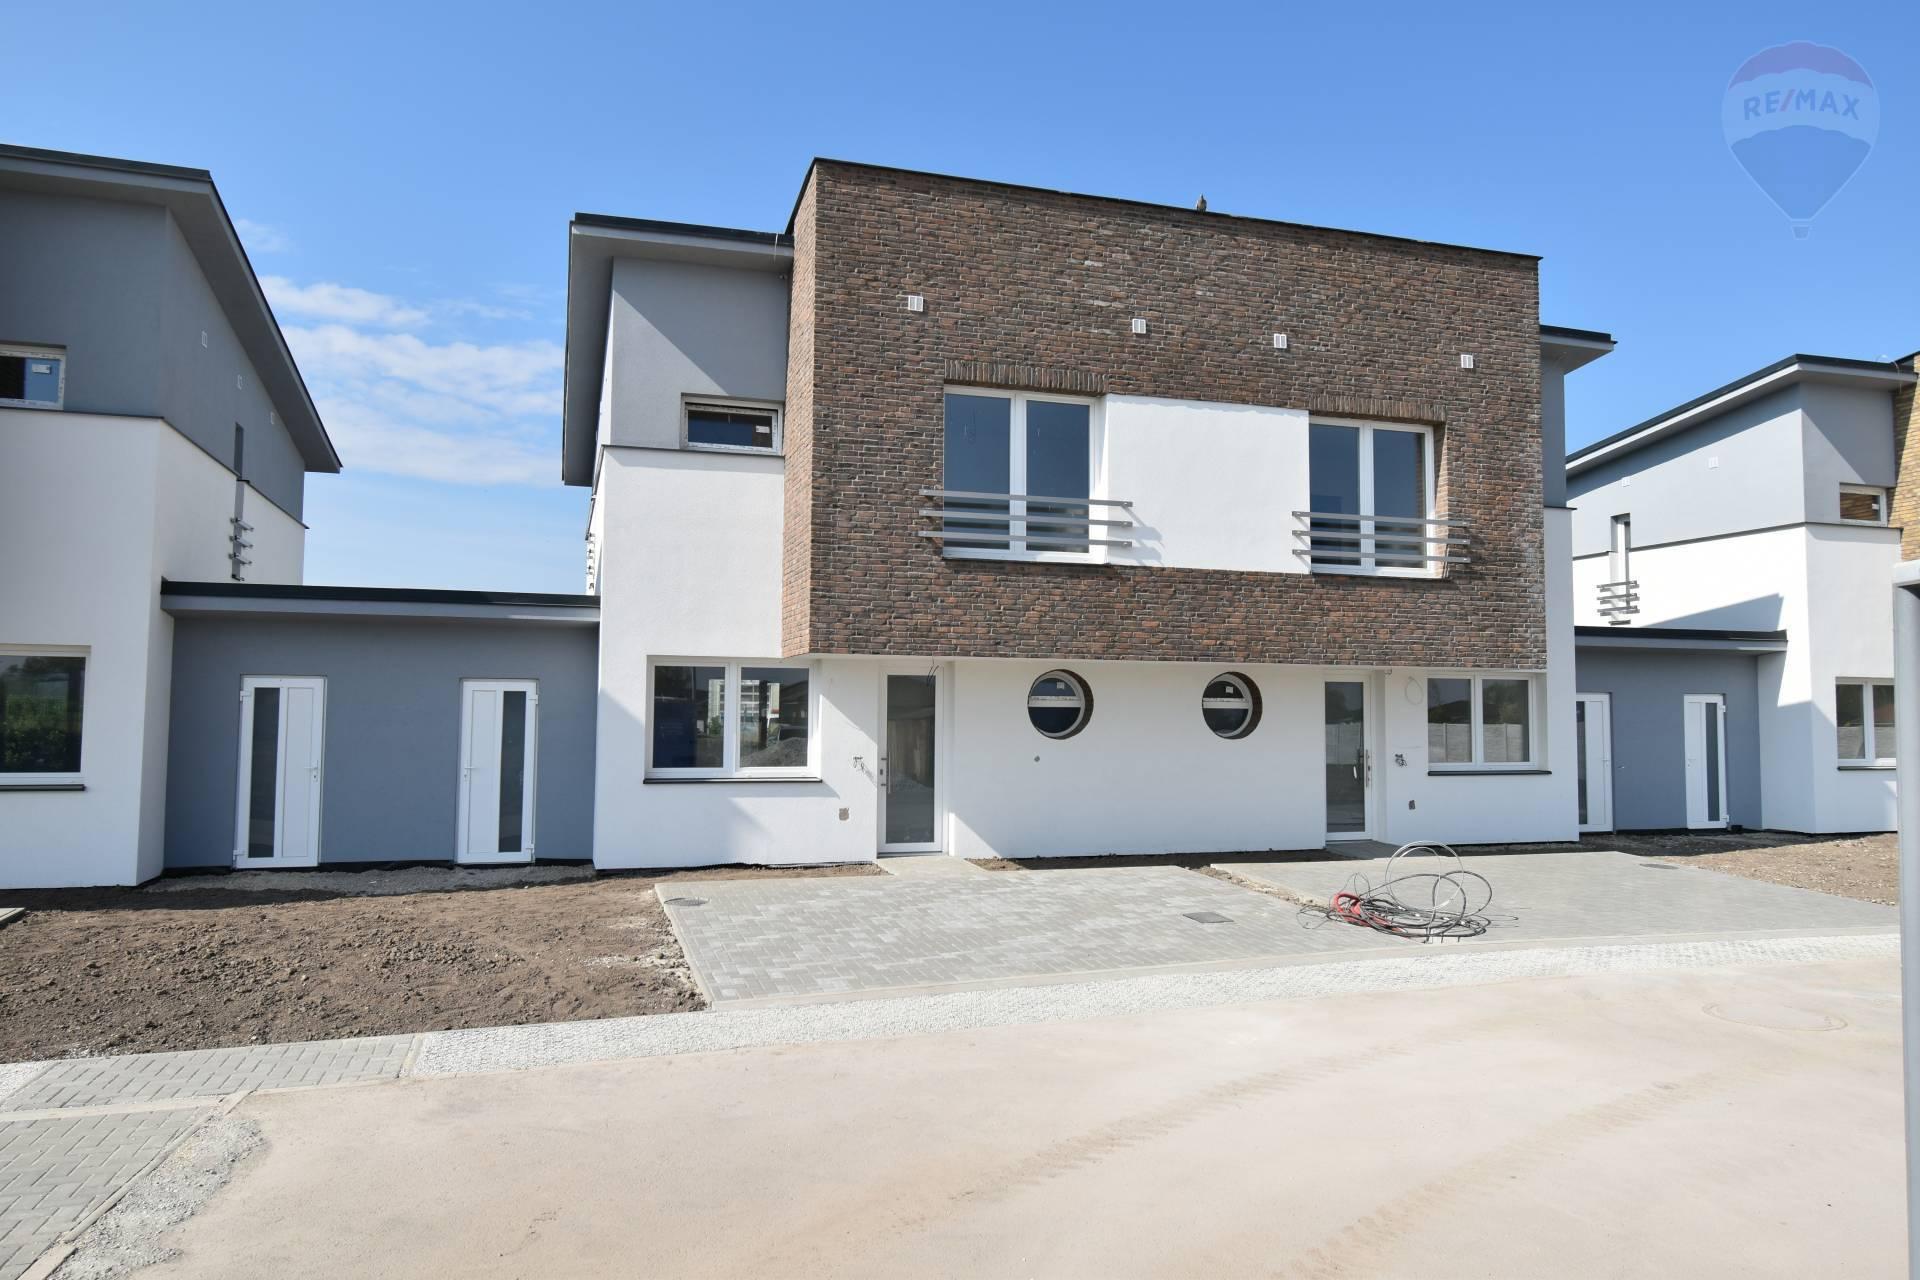 Predaj: Rodinný dom s 2-mi bytovými jednotkami, Dunajská Streda, 4 izby, 93,10 m2 ÚP